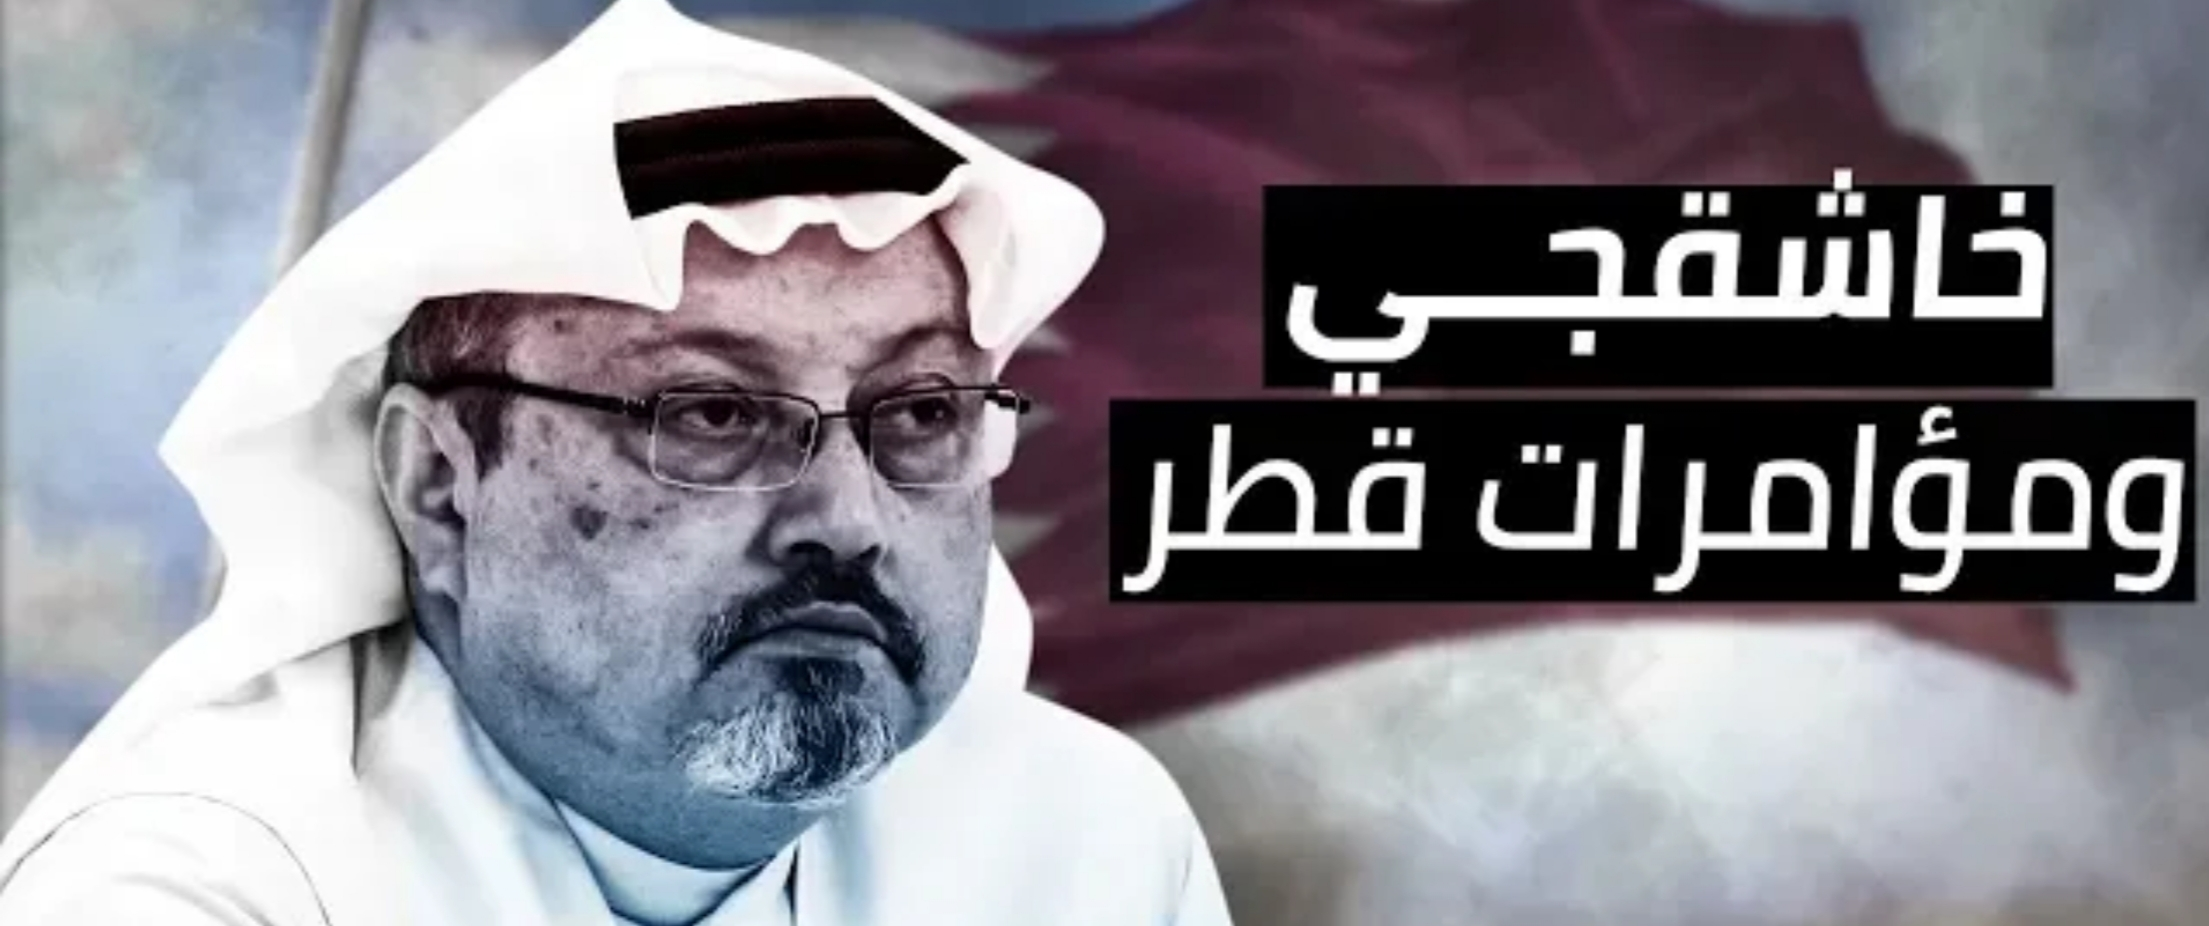 فضيحة قطر مع جمال خاشقجي